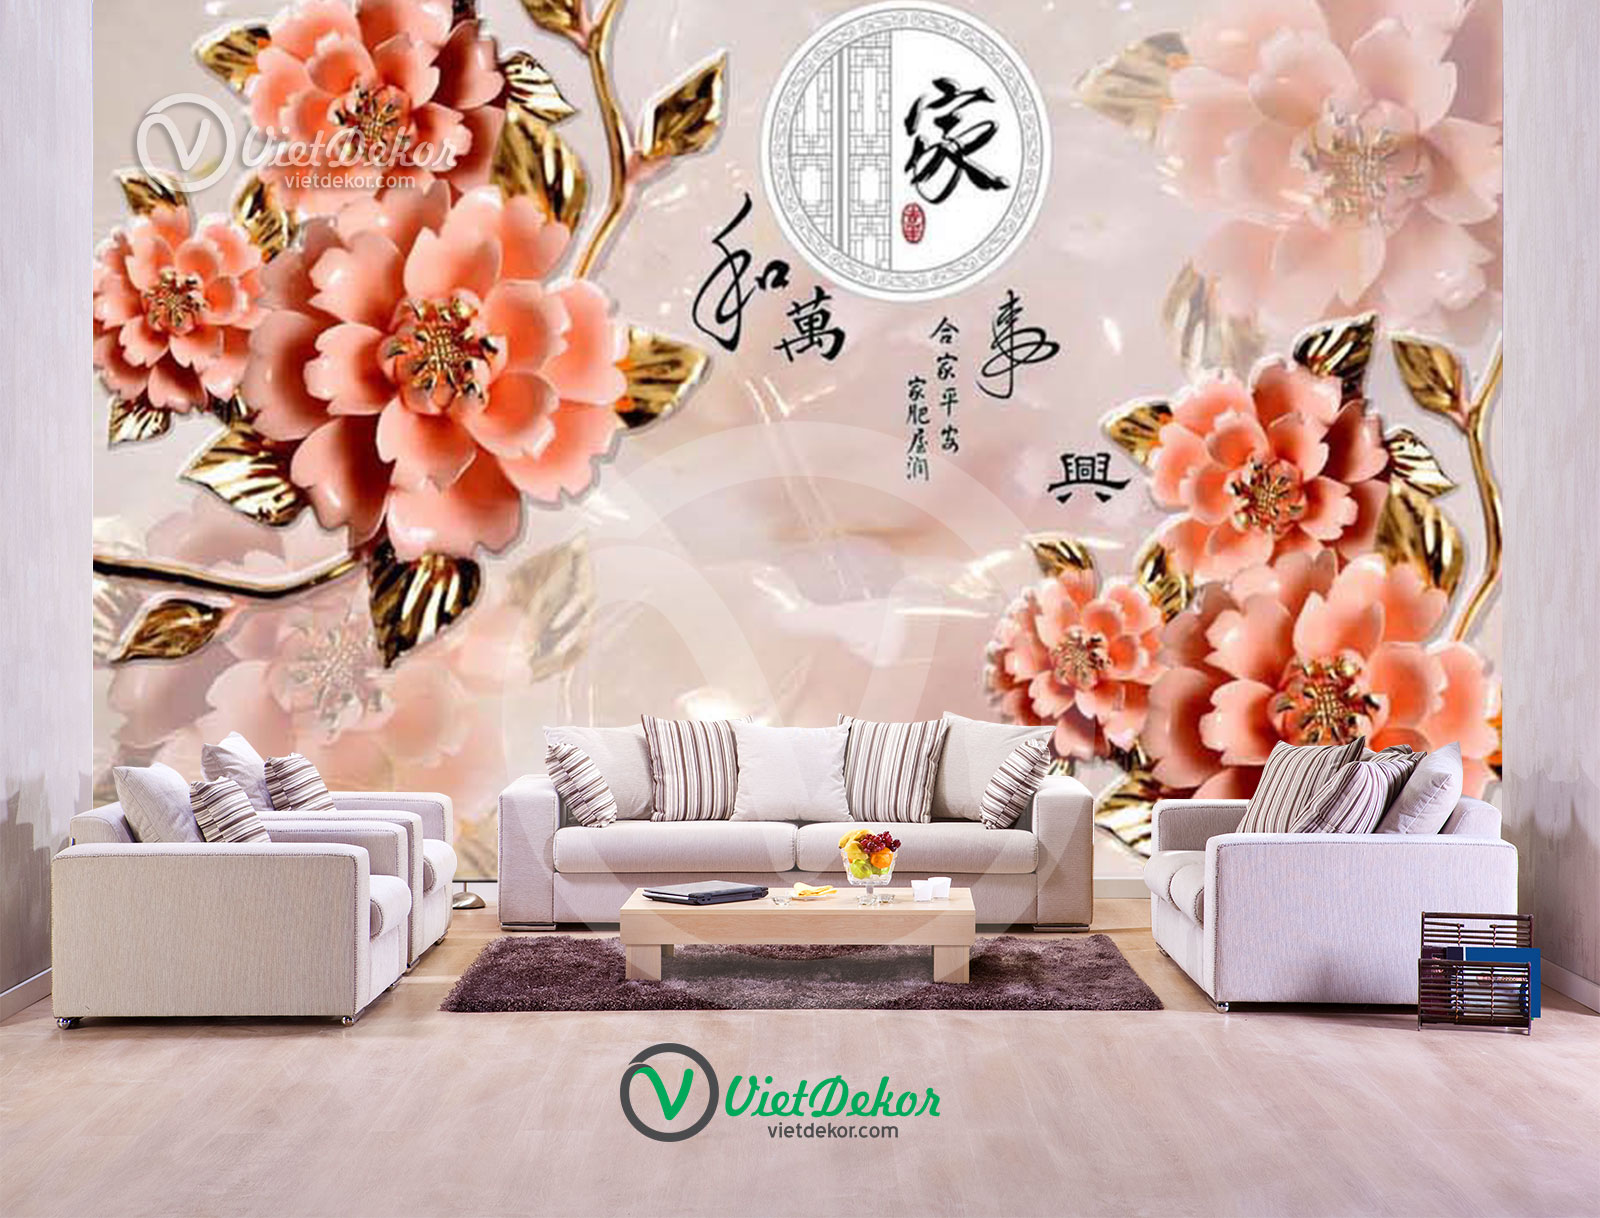 Tranh dán tường 3d hoa mẫu đơn ngọc phòng ngủ đẹp